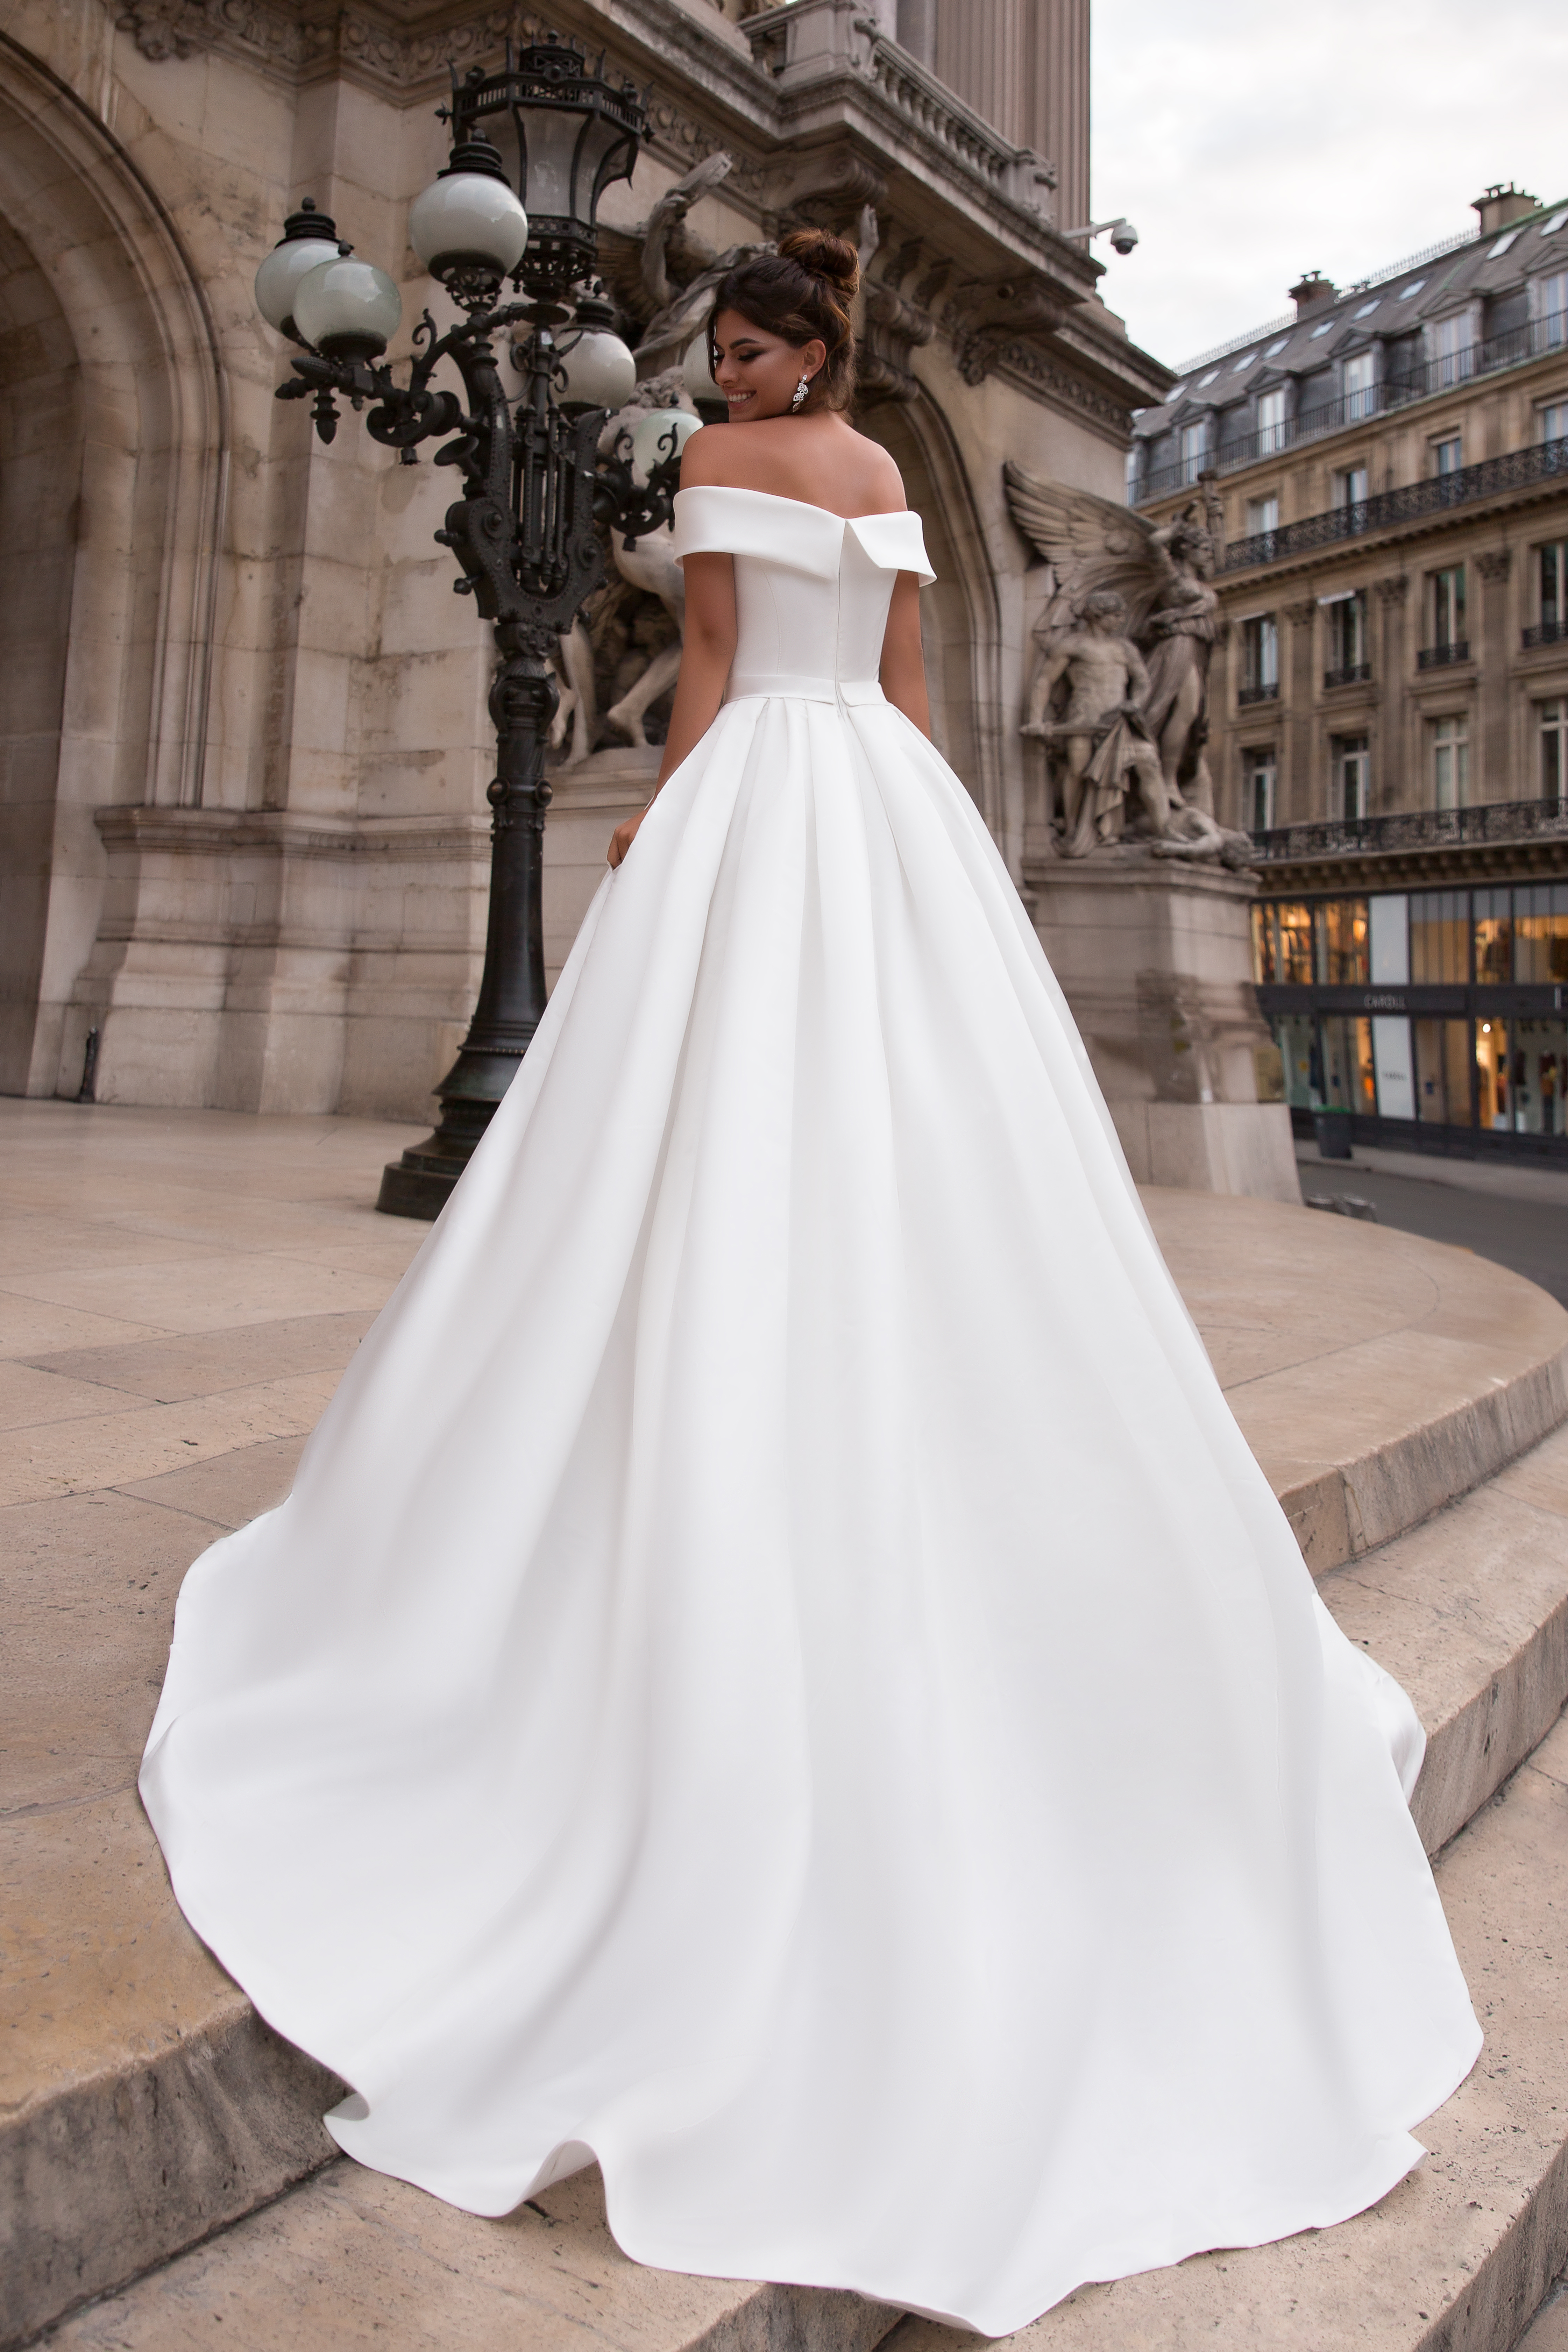 Свадебные платья Evis-1 Силуэт  Пишный  Цвет  White  Вырез  Прямой  Рукава  Приспущенный  Шлейф  Со шлейфом - Фото 3